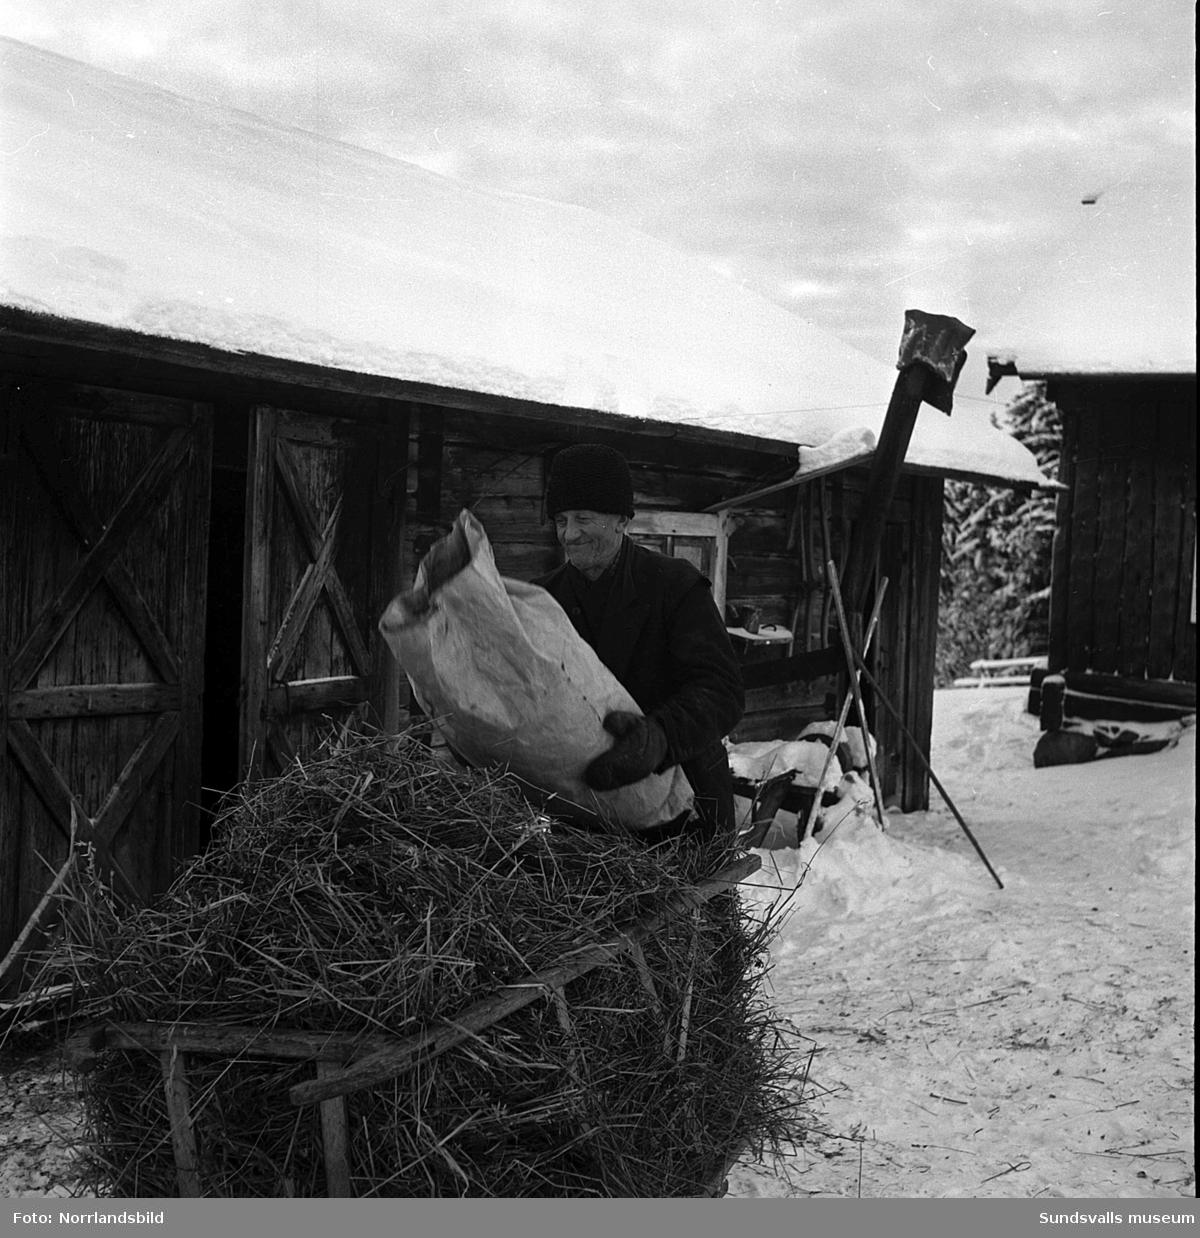 """Reportagebilder från den oskiftade byn Brödlösa i Kovland. En av hemmansägarna i den lilla byn är Ferdinand Byström som har fullt upp med timmerkörning, snöskottning och utfodring av djuren. På den första bilden är det Karin Johansson som visar upp en slaktad tupp och om den bilden står att läsa i Dagbladet 10 januari 1951: """"Jättetuppen av helig indisk ras blir som en julskinka i grytan, påstår Karin Johansson. Dödsdomen över tuppen avkunnades och verkställdes av mamma Jenny, sedan hon ertappat honom på bar gärning med att trampa ihjäl en höna. Död åt tyranniska karlar av vad kulör de vara månde."""""""